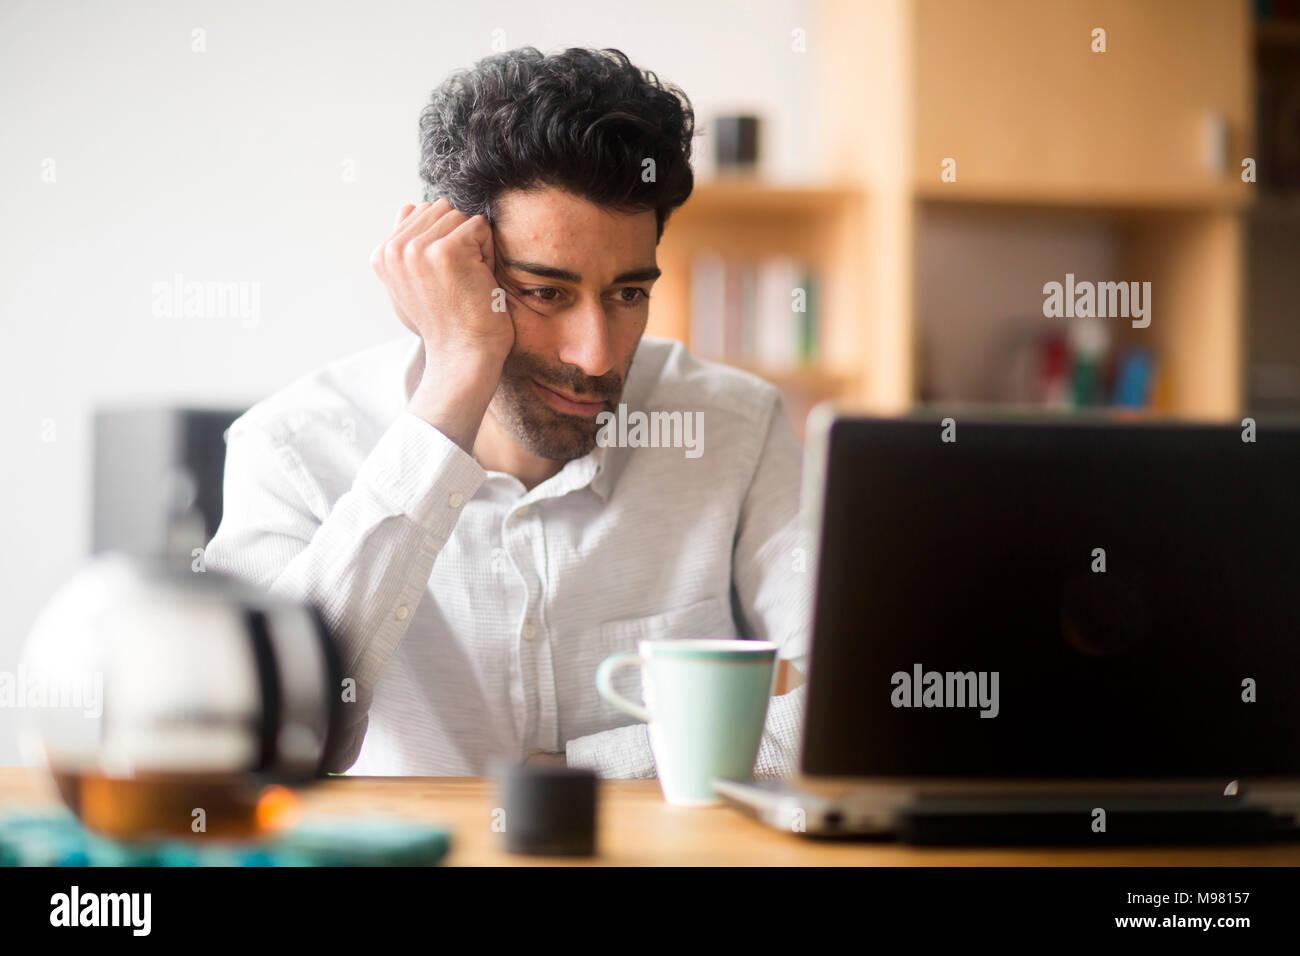 Retrato del empresario en la mesa mirando portátil Imagen De Stock